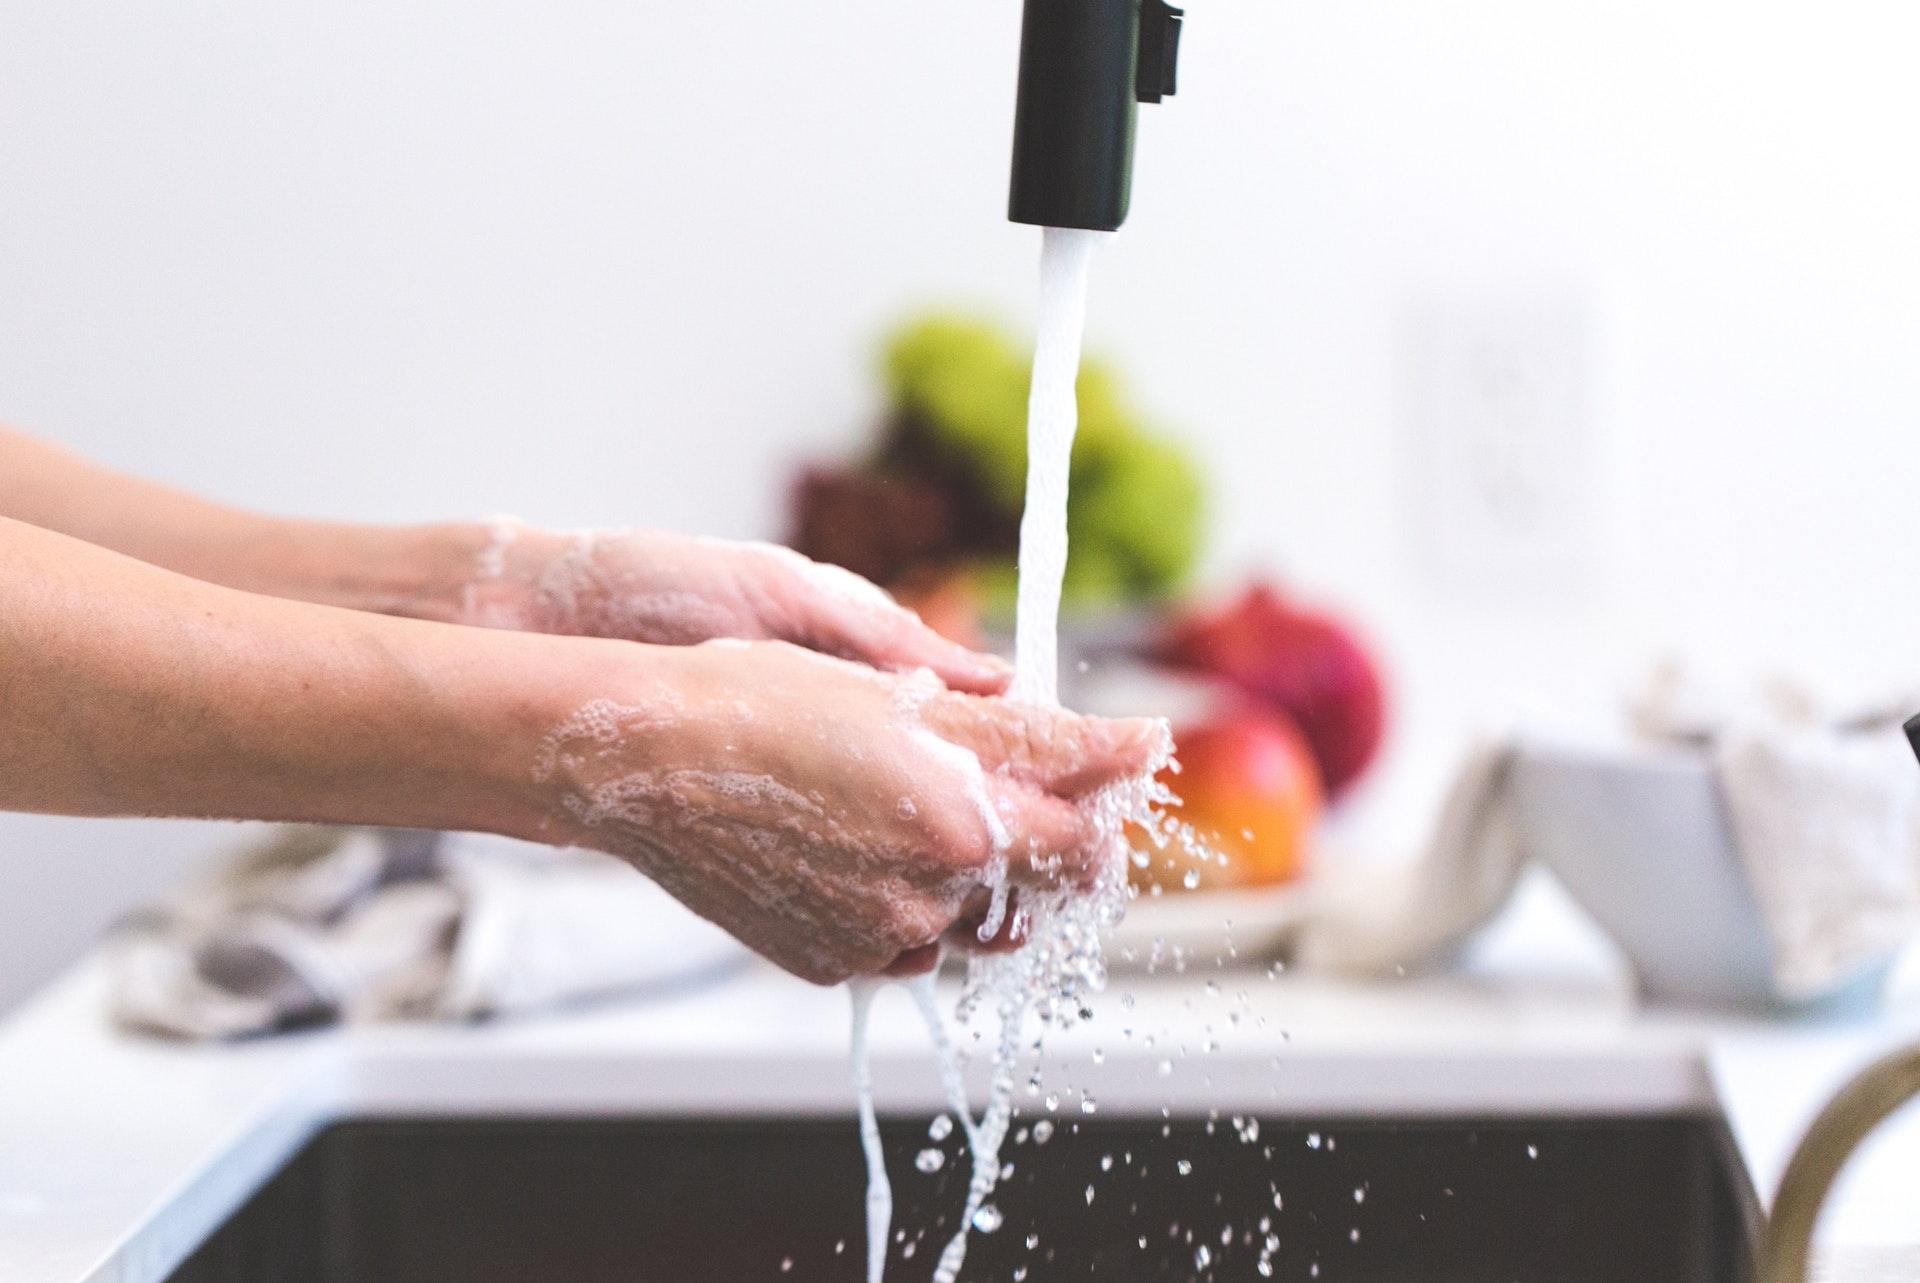 Pessoa lavando as mãos. Crédito: Pexels